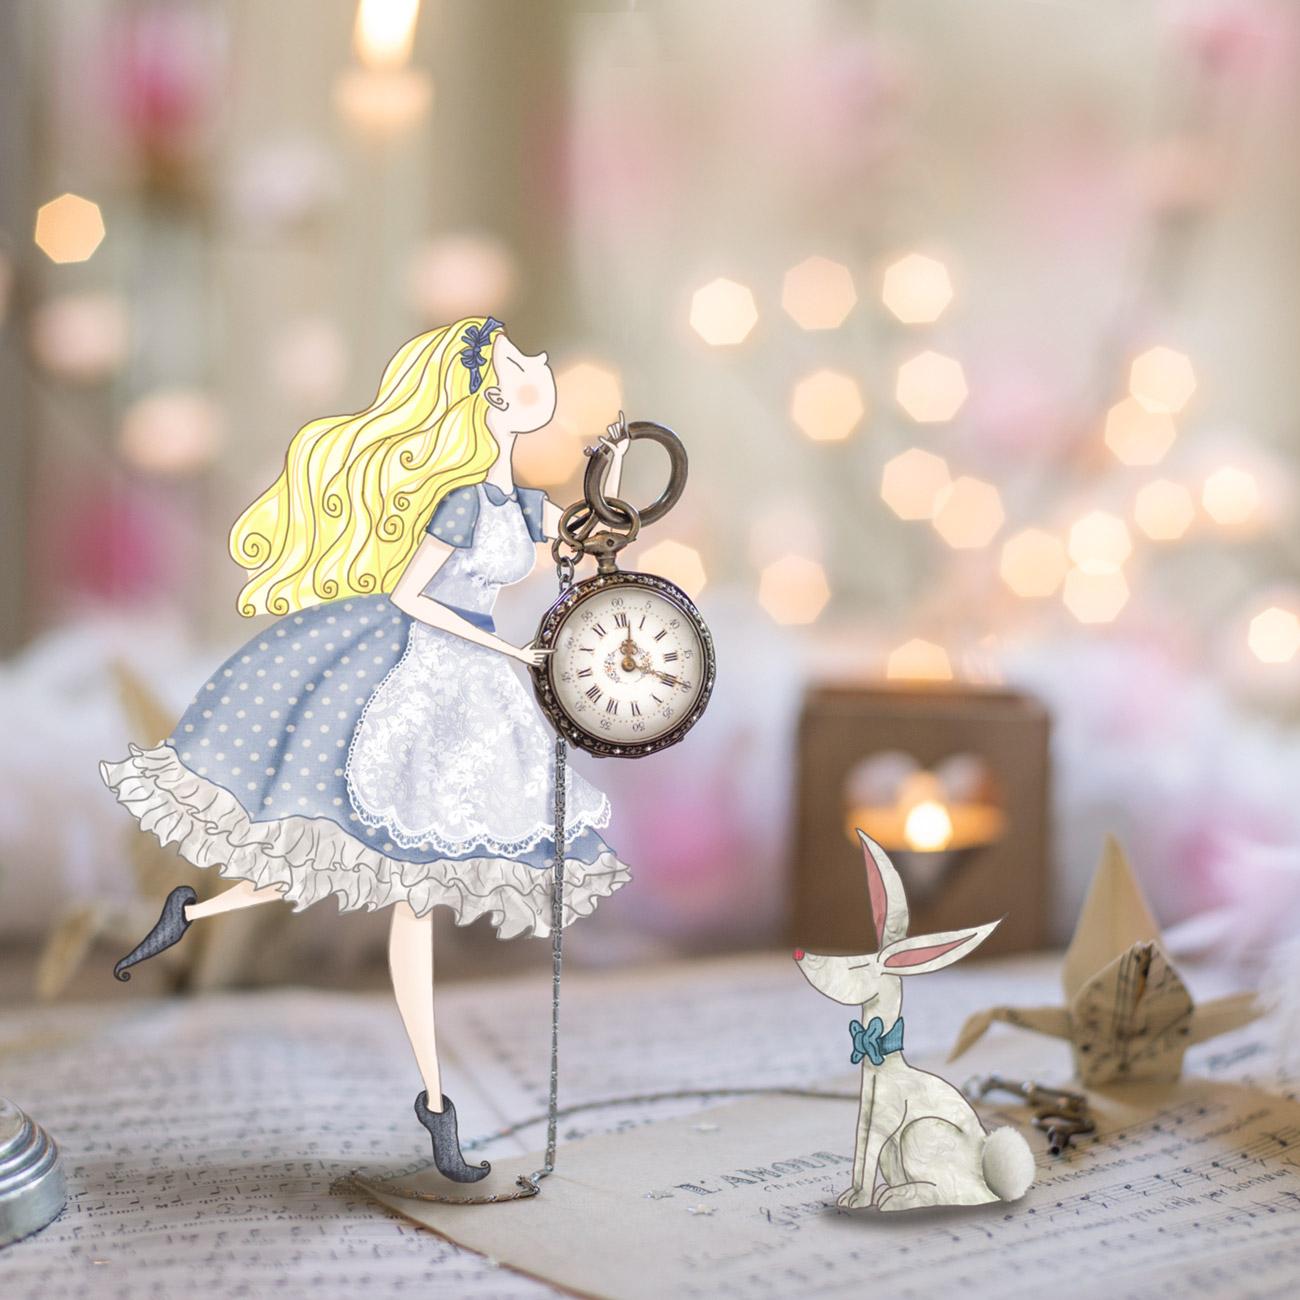 Alice au pays des merveilles avec le lapin blanc- Lumi Poullaouec - Création - Photographie et illustration féérique